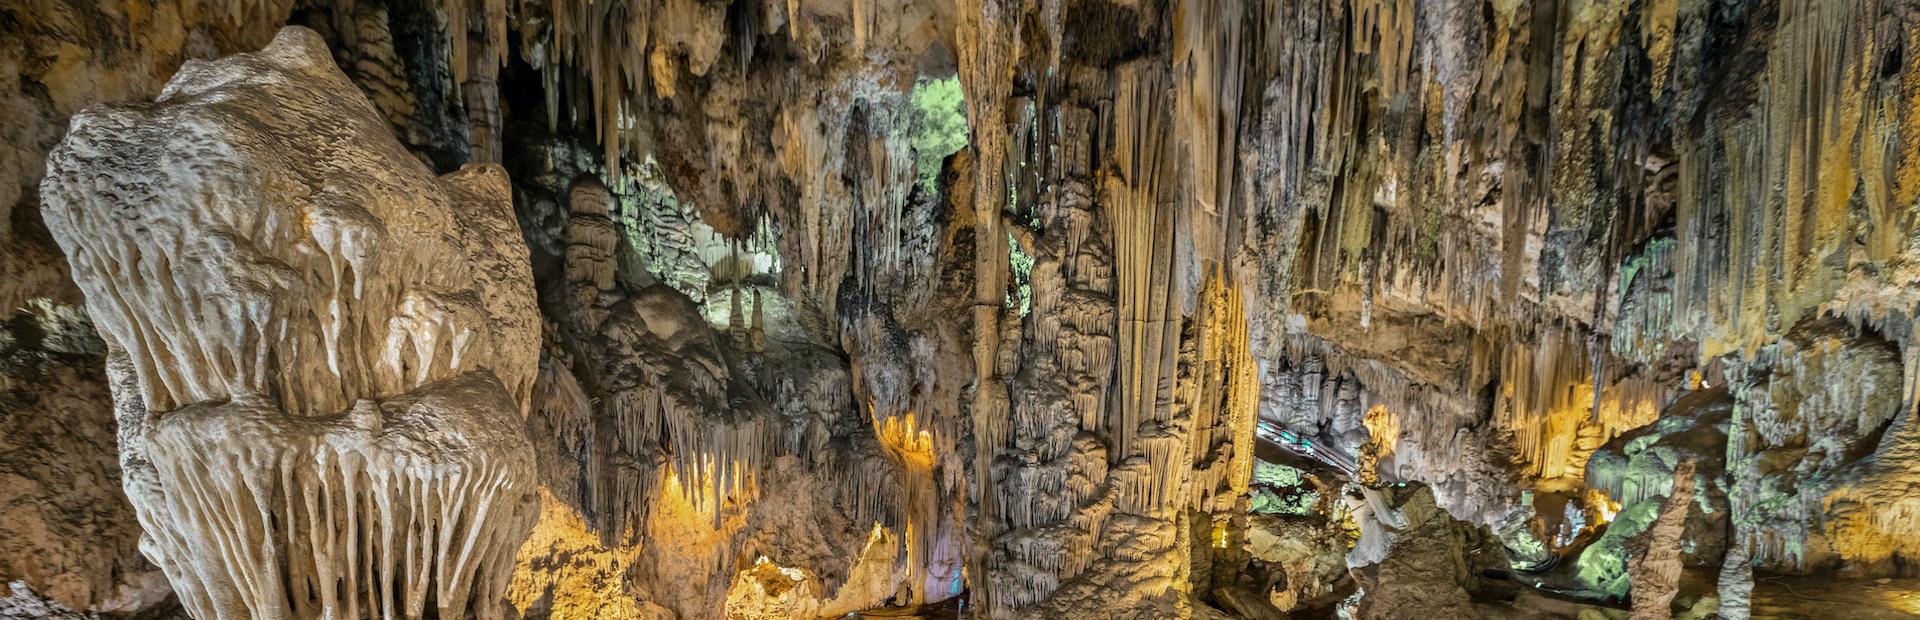 viajes fin curso cuevas de nerja